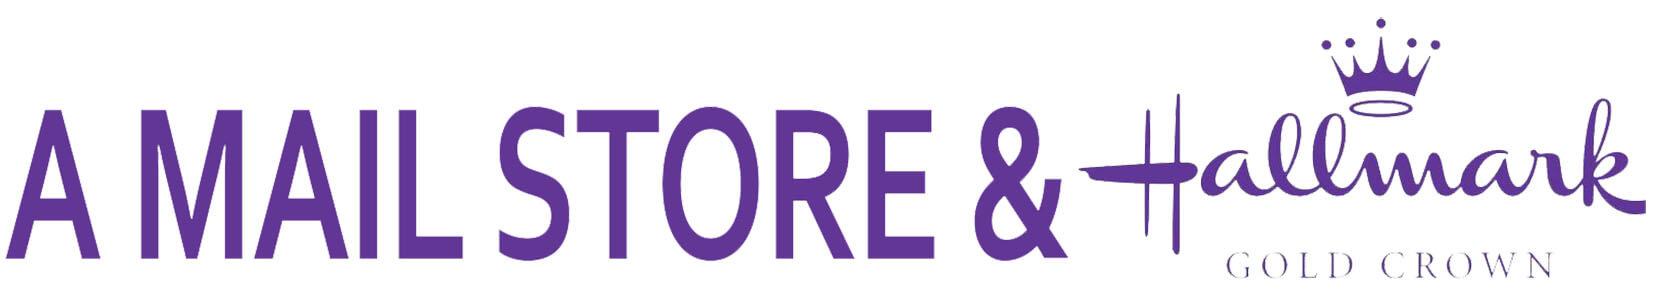 A Mail Store & Hallmark logo